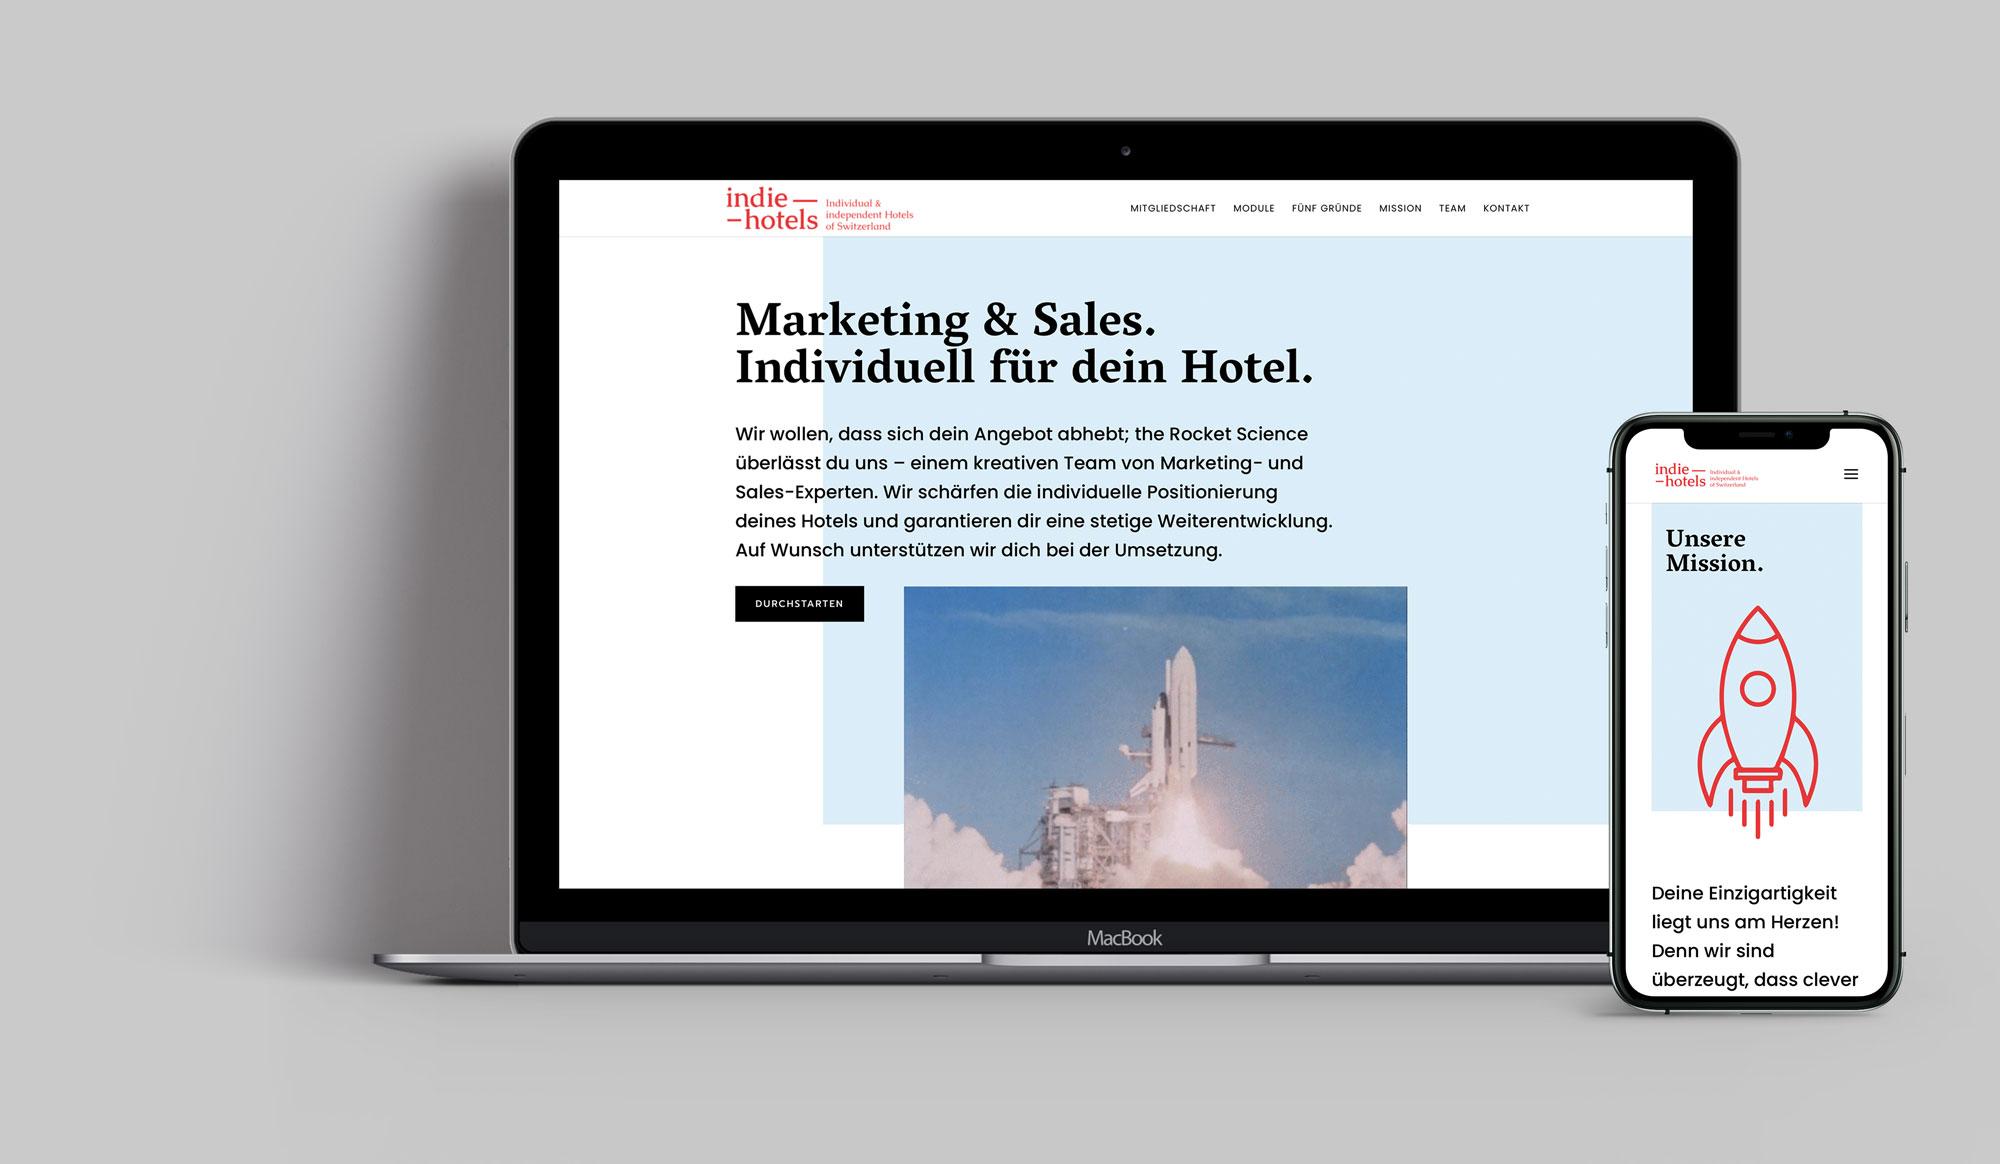 indie-hotels-gassermiesch-werbeagnetur-stgallen